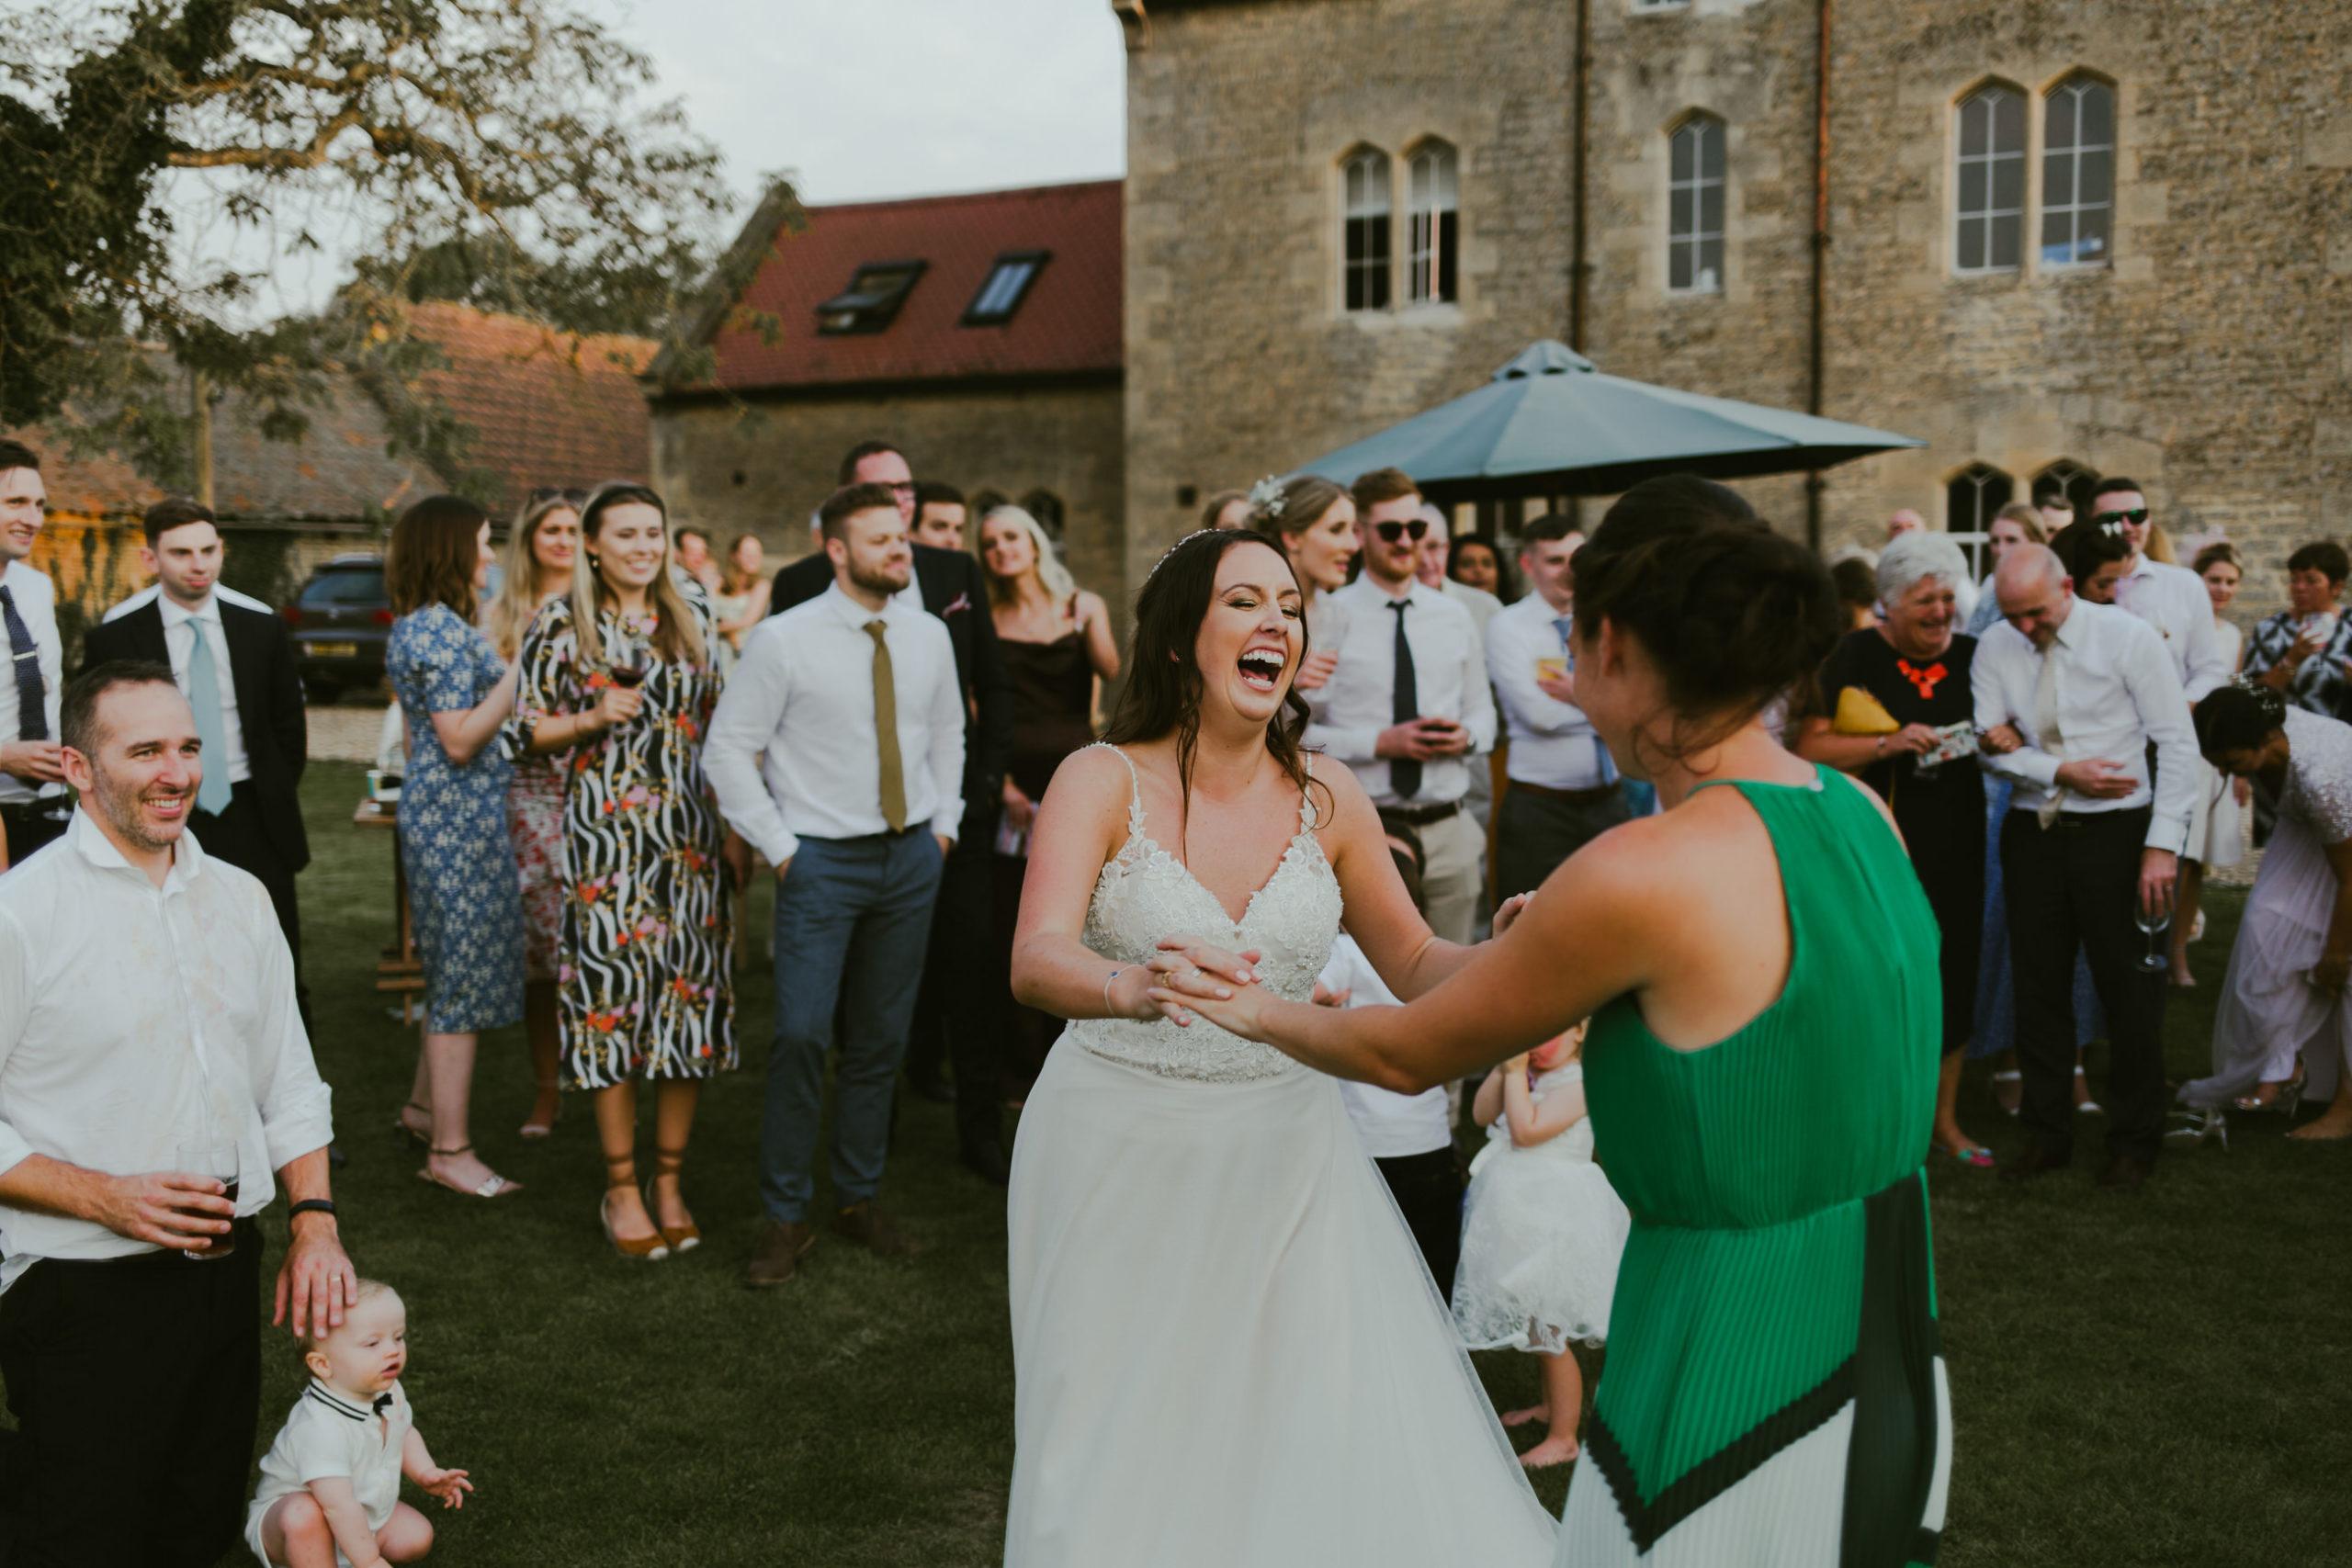 wedding garden party fun dance floor